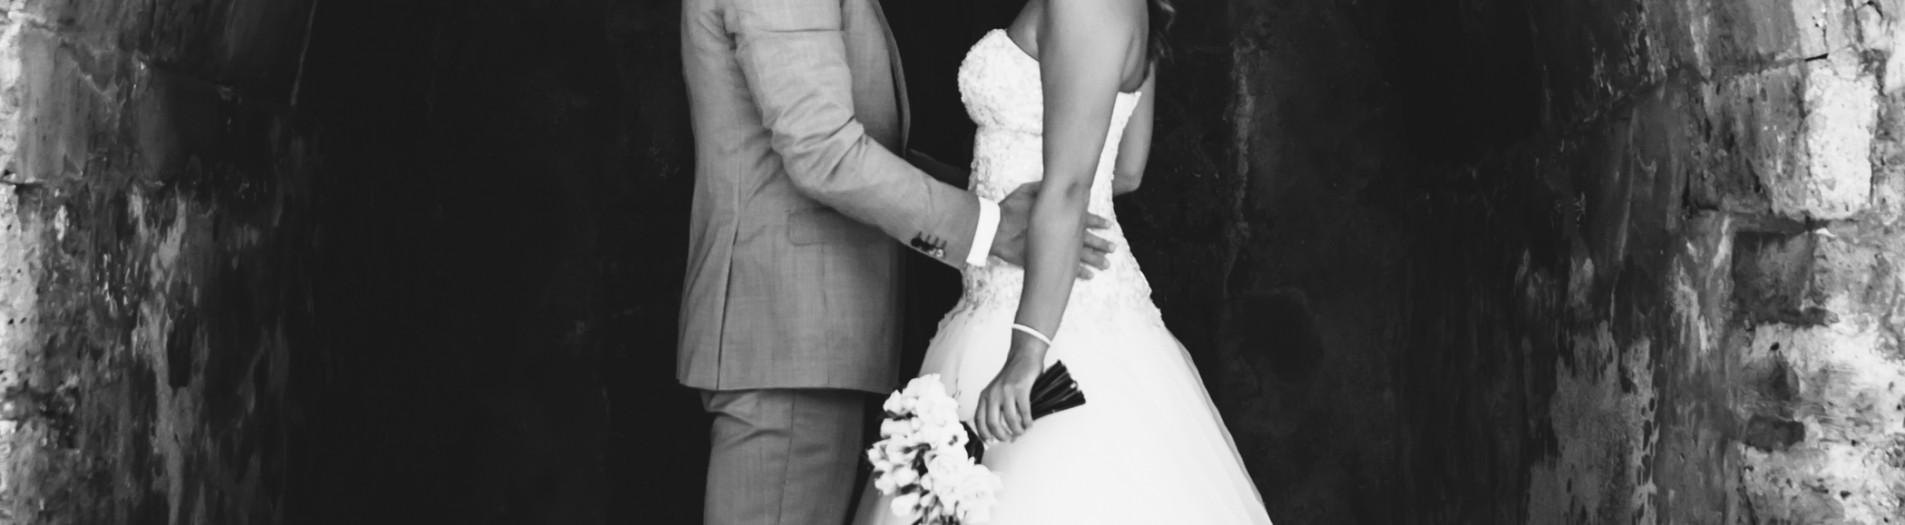 Trouwen in het buitenland, bruidsfotograaf Mallorca, bruidsreportage